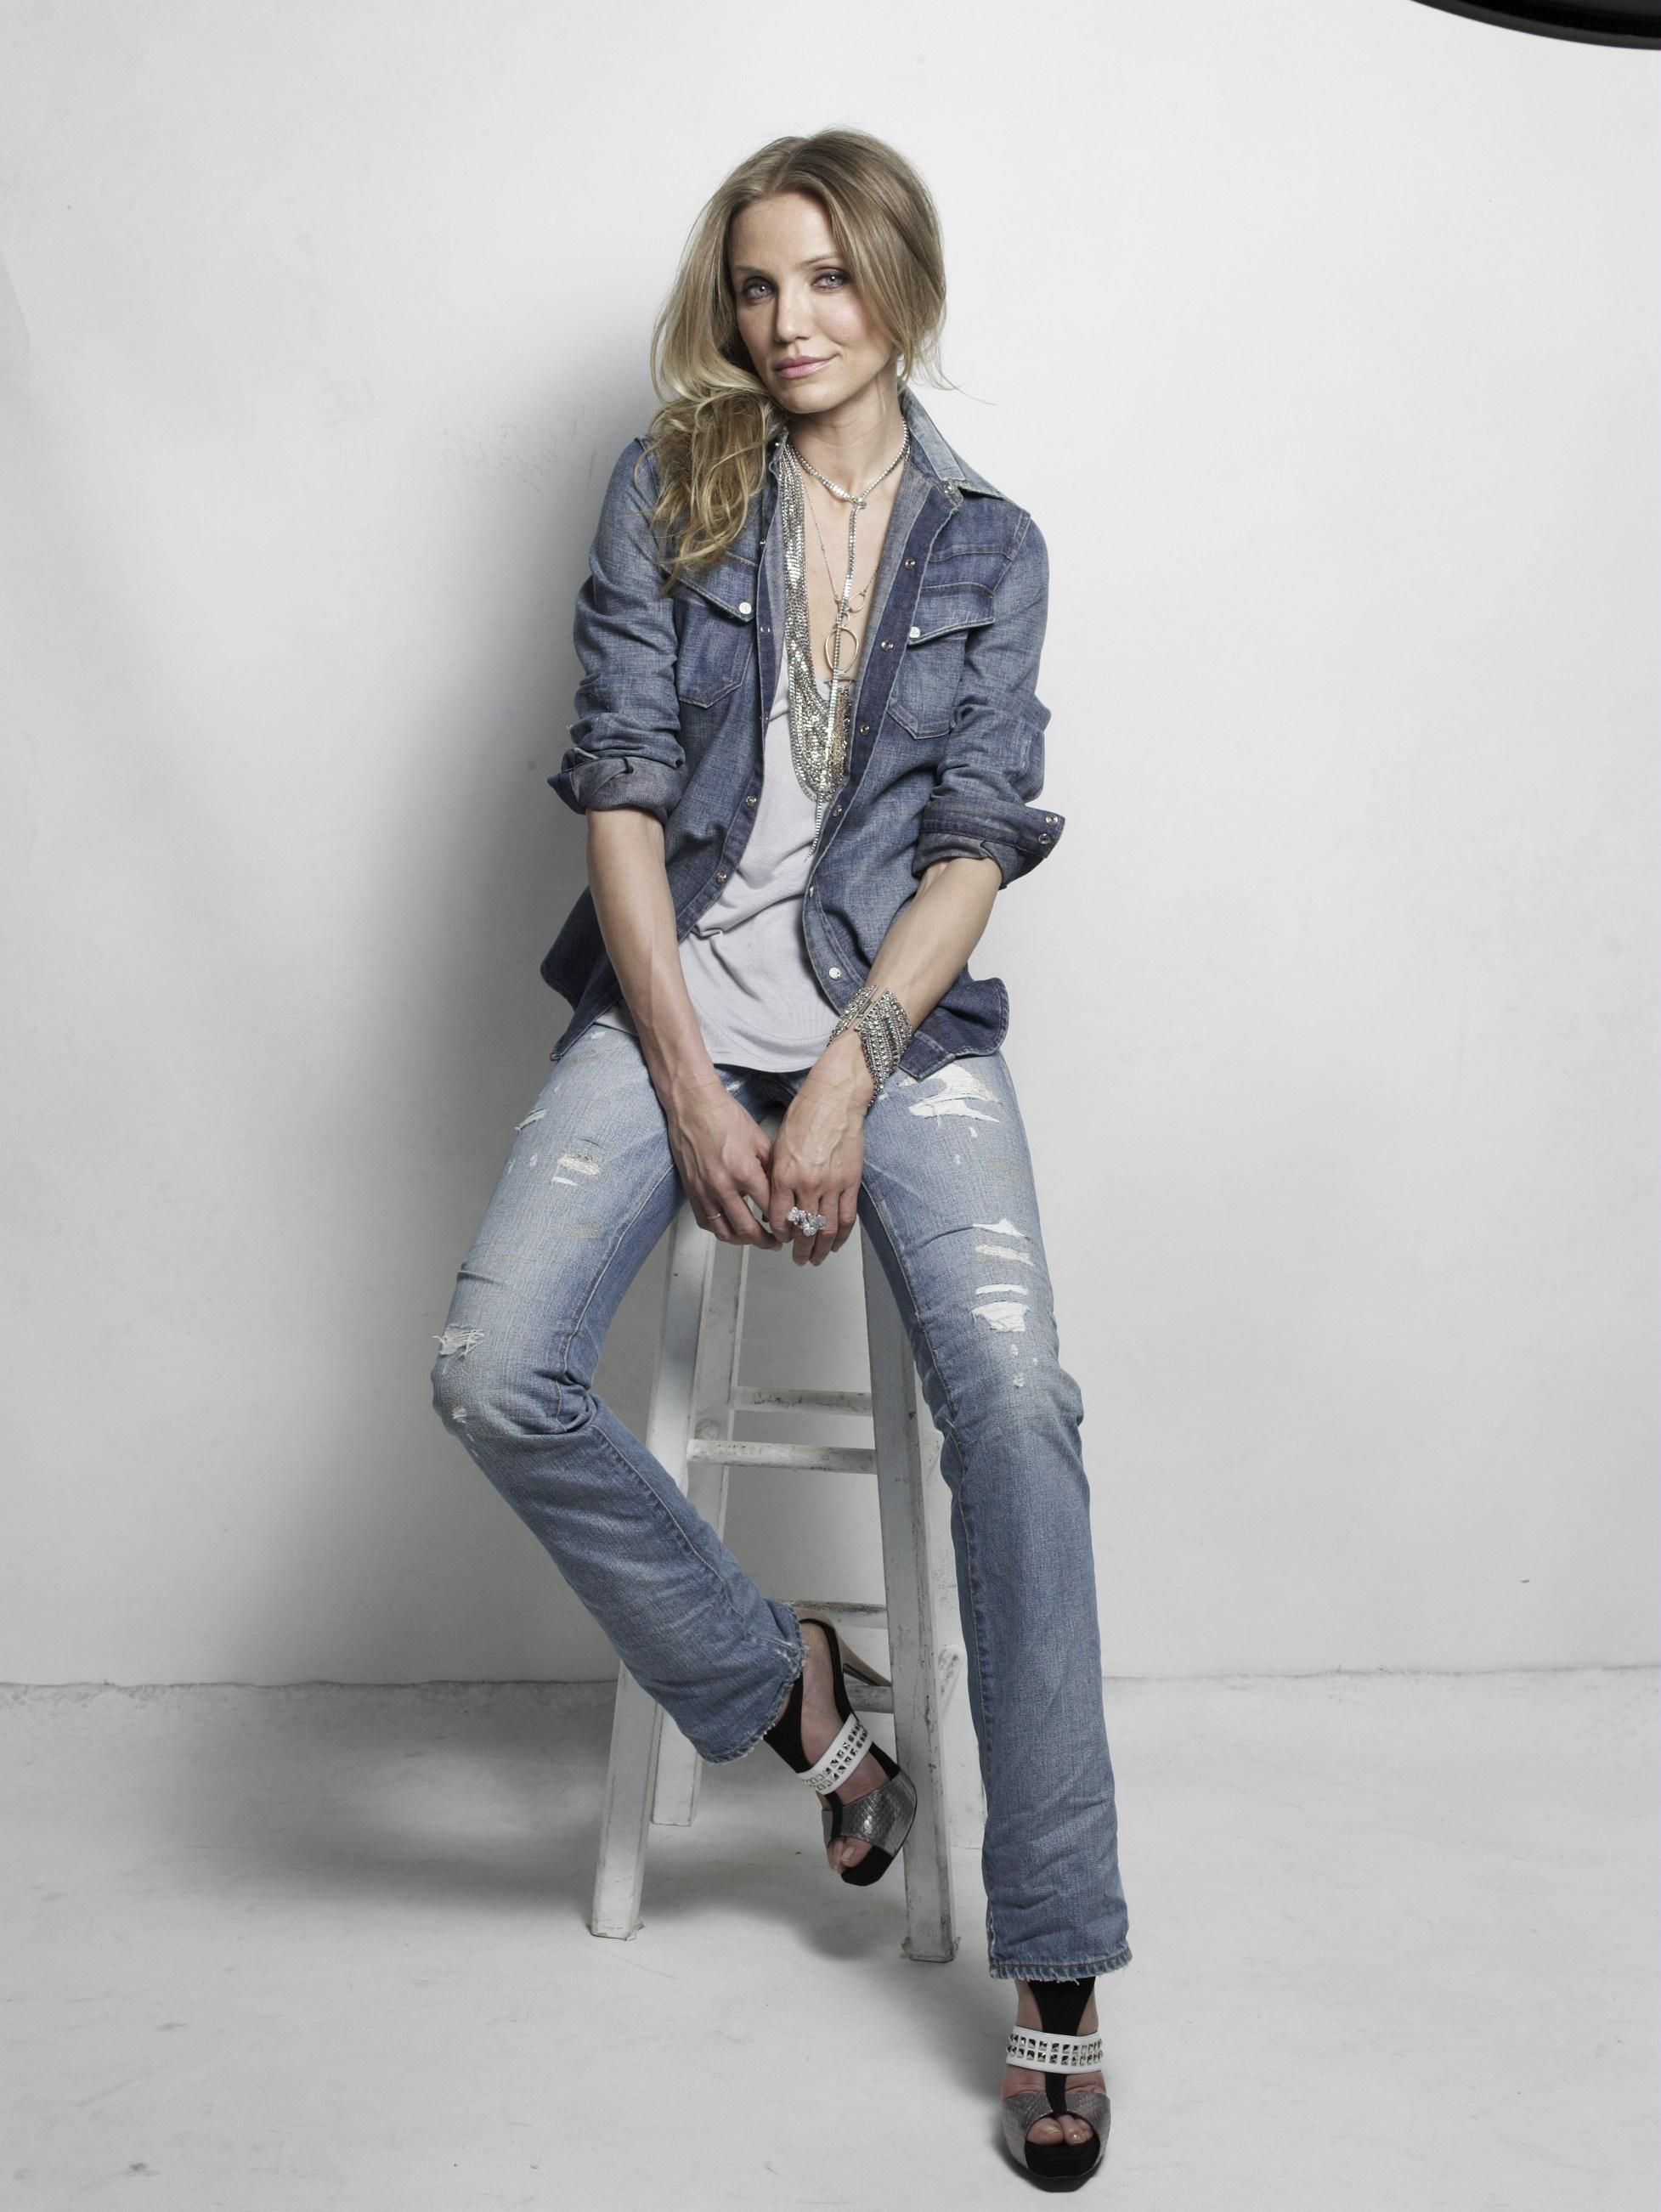 Фото джинсовый стиль девушке